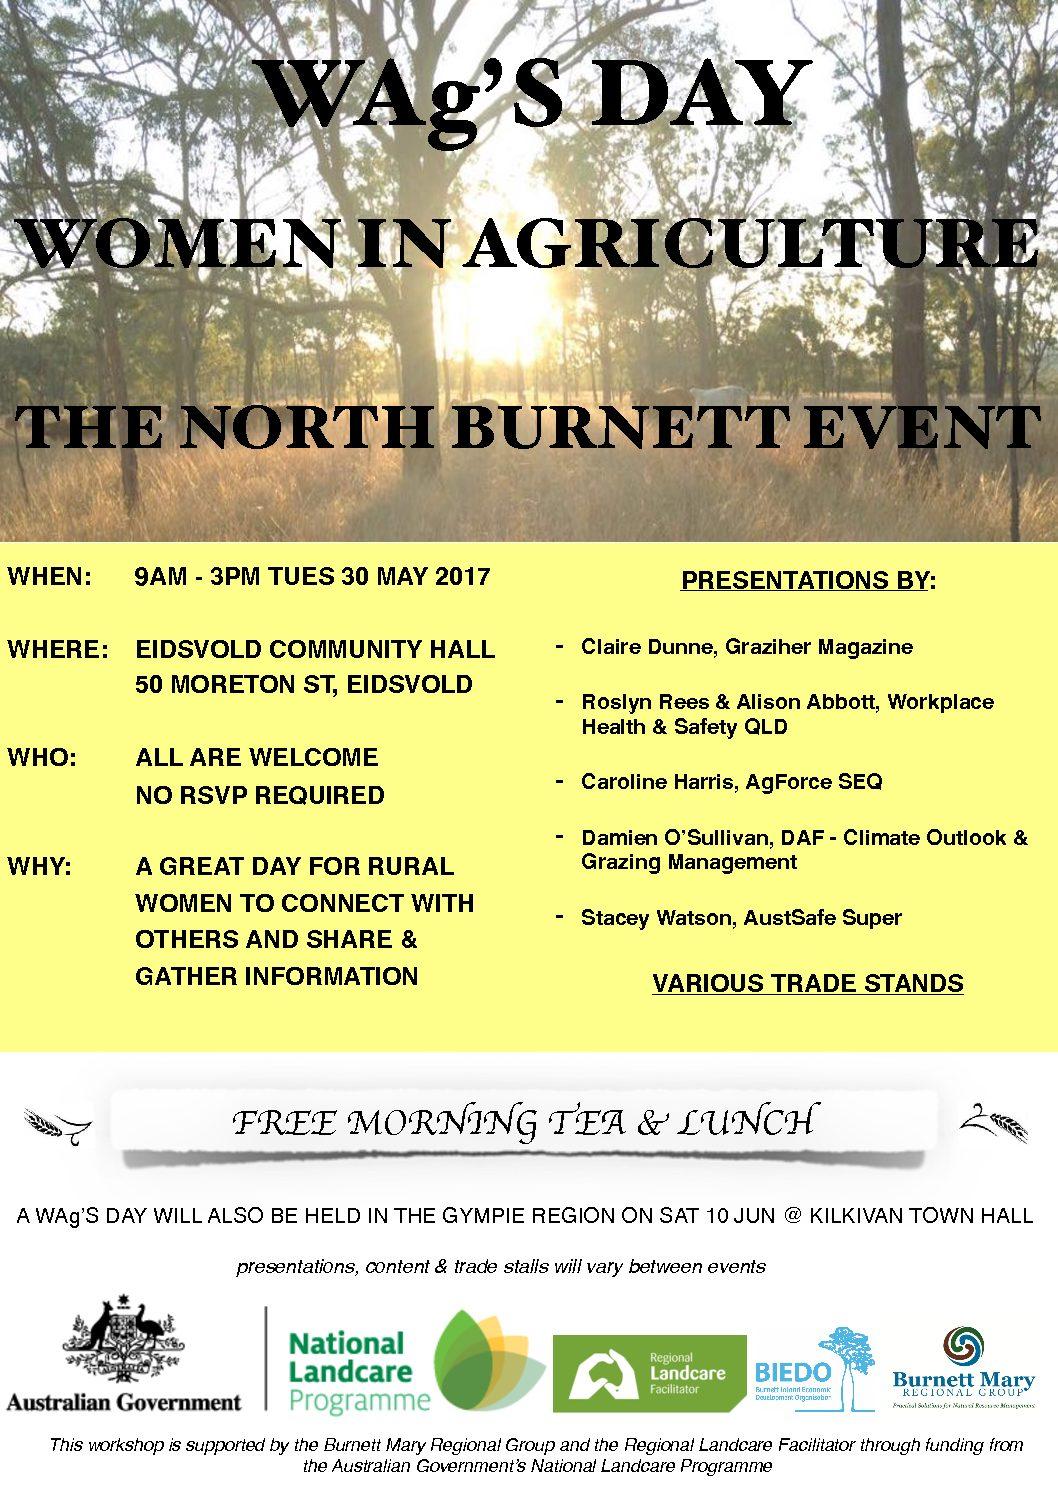 WAg'S Day (Women in Ag) Trade Stand – North Burnett event | Burnett